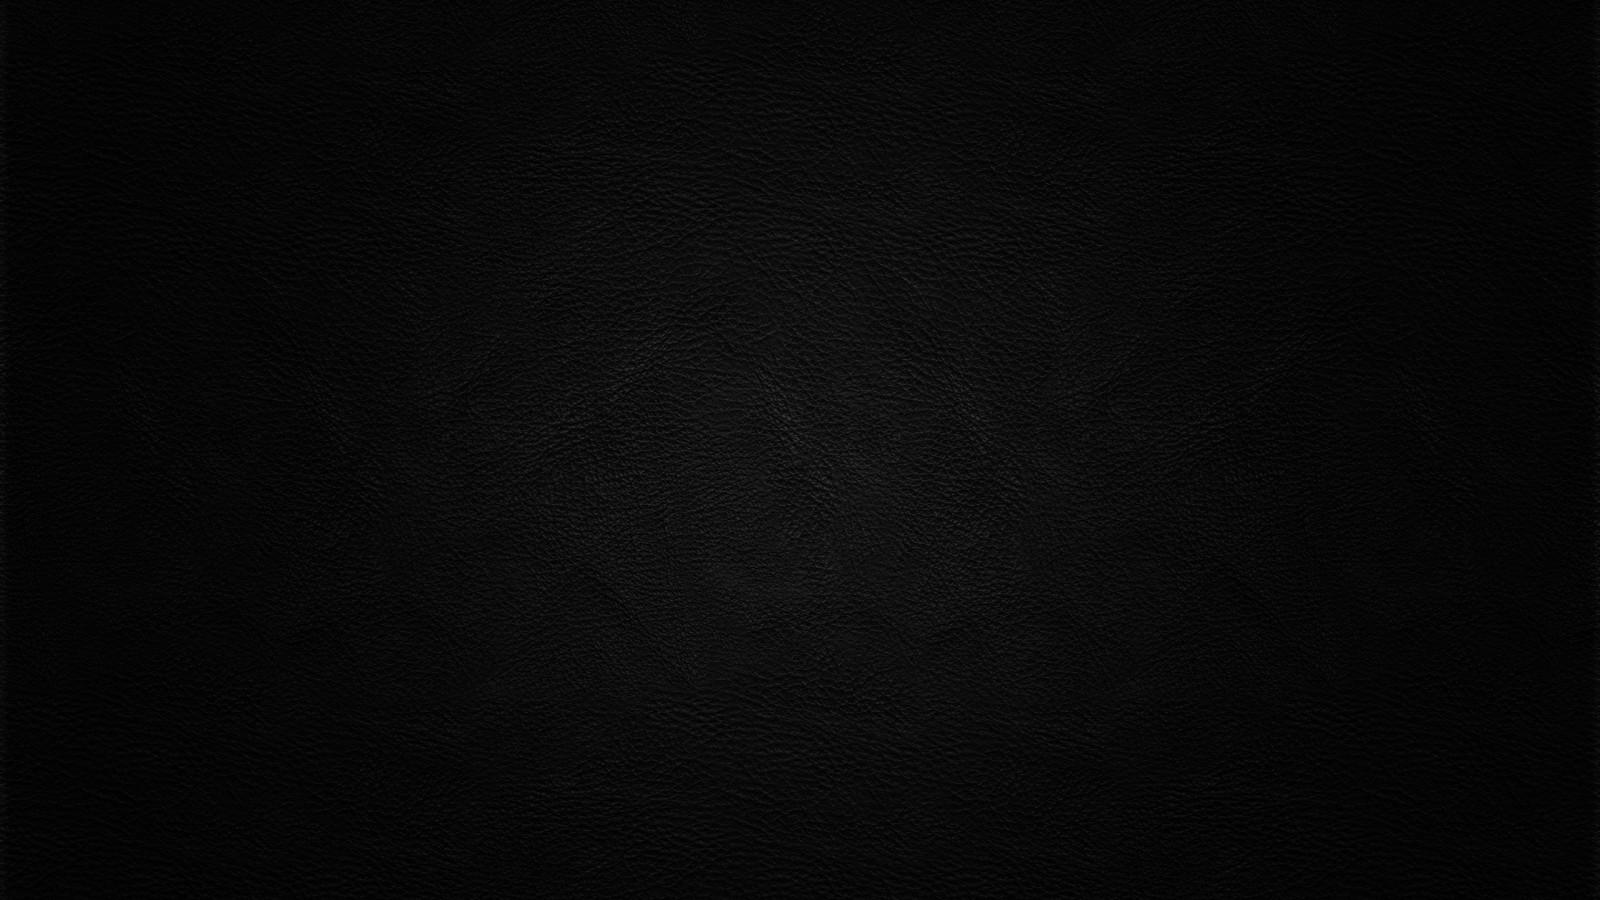 Новым годом, картинки 1944 х600 пикселей